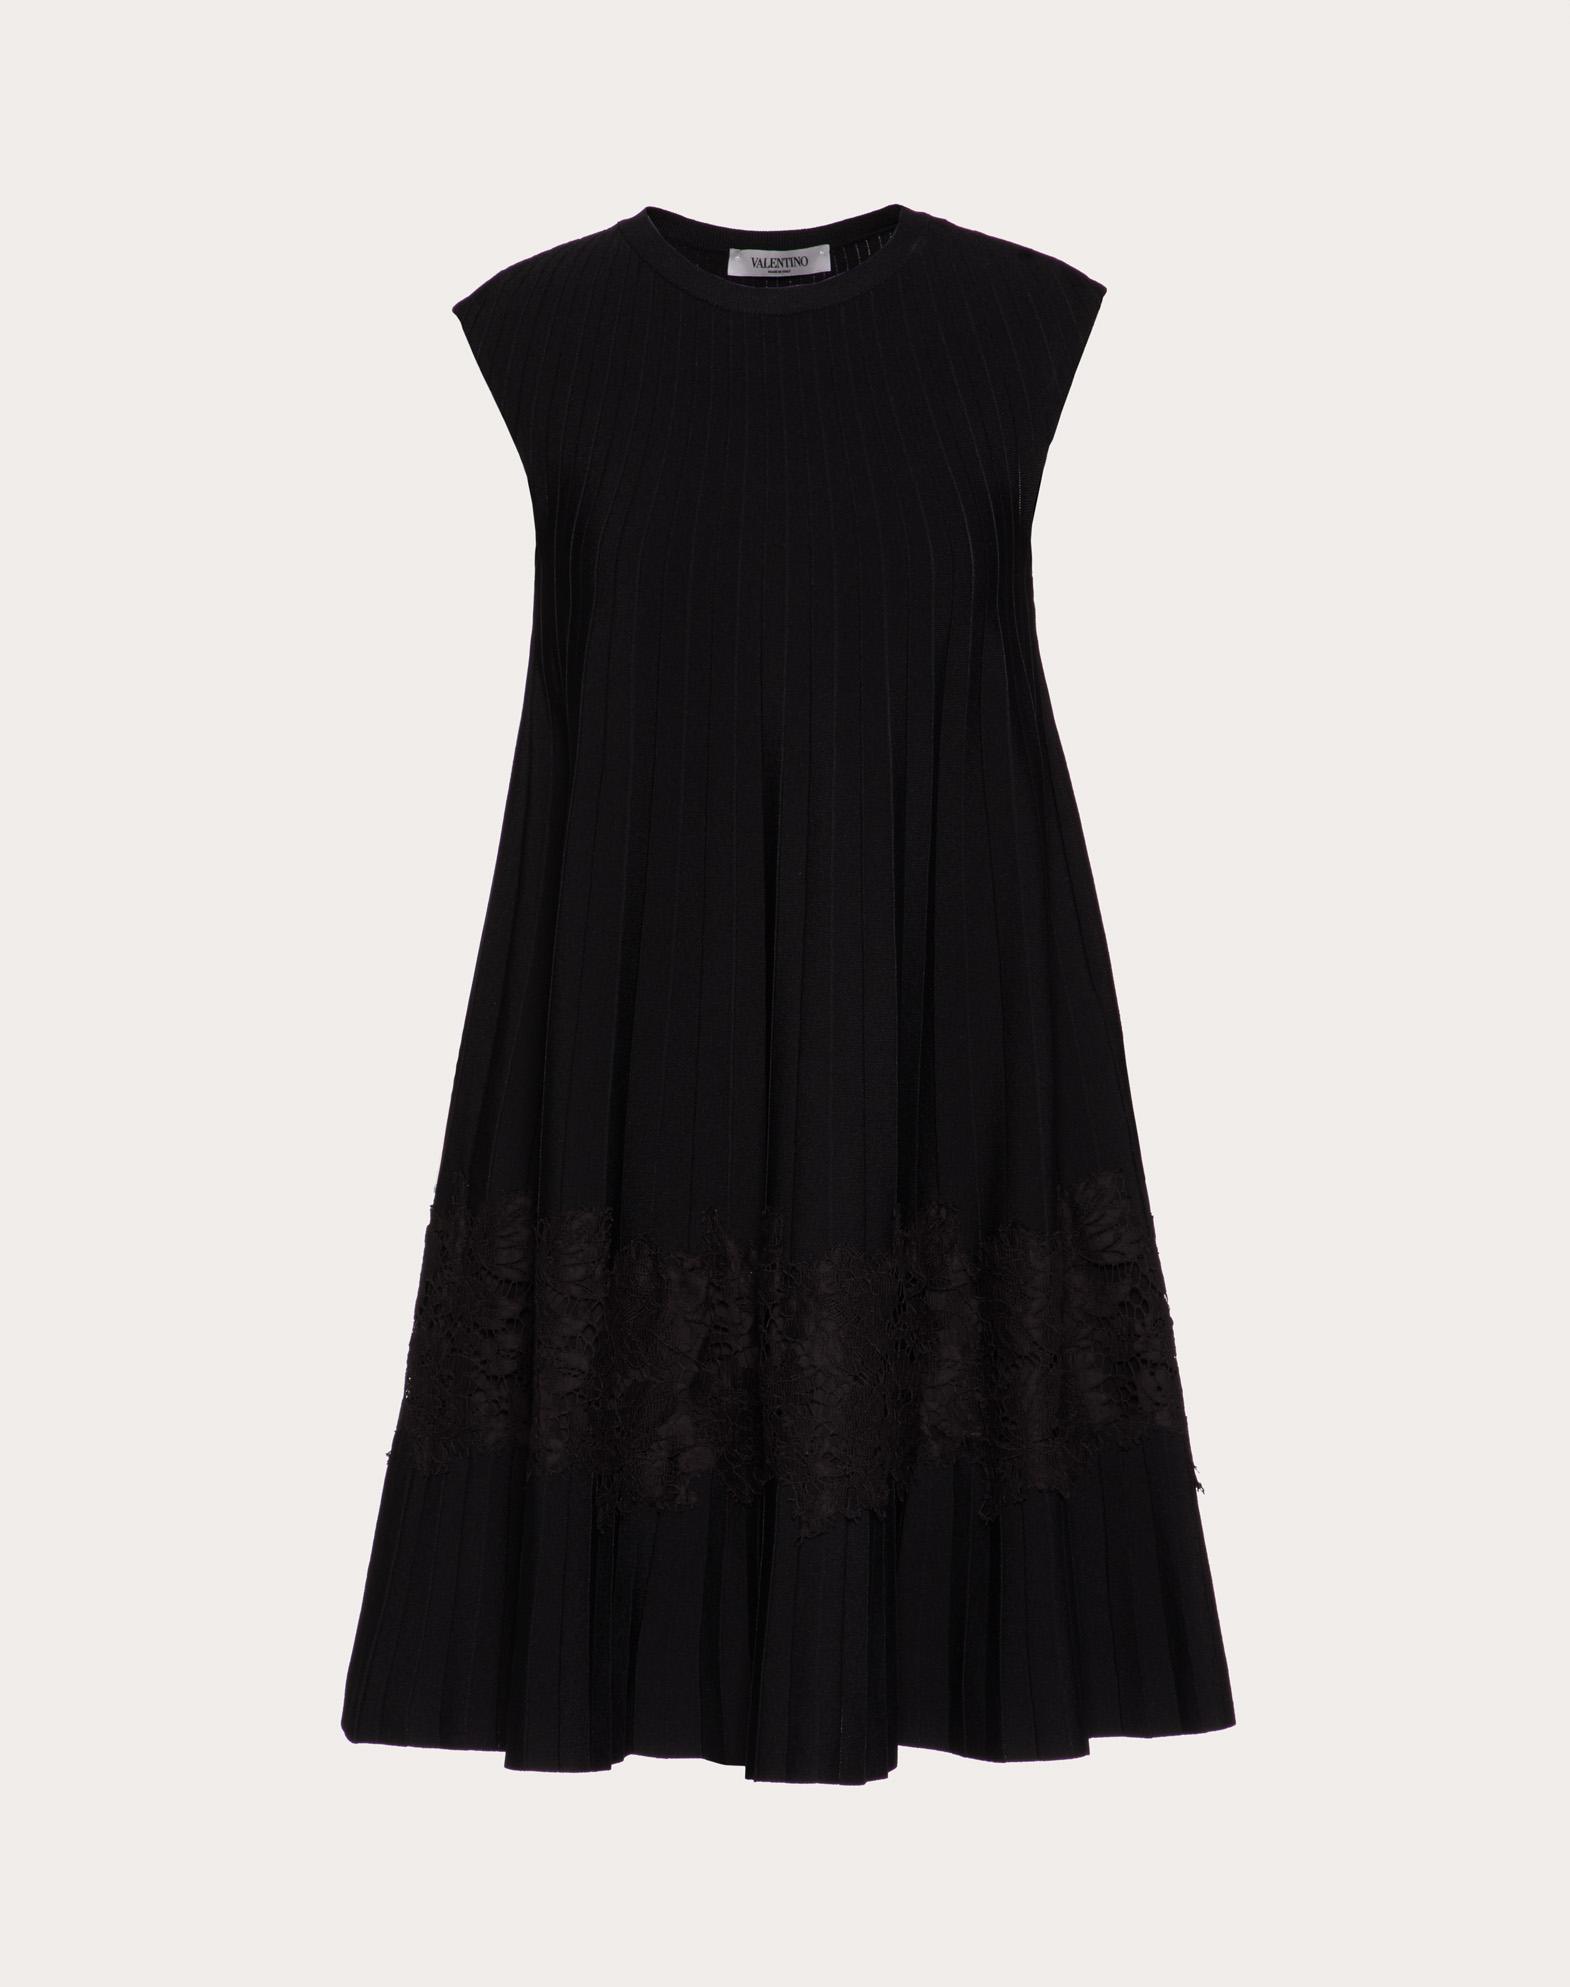 ストレッチビスコース&ヘビーレース ドレス